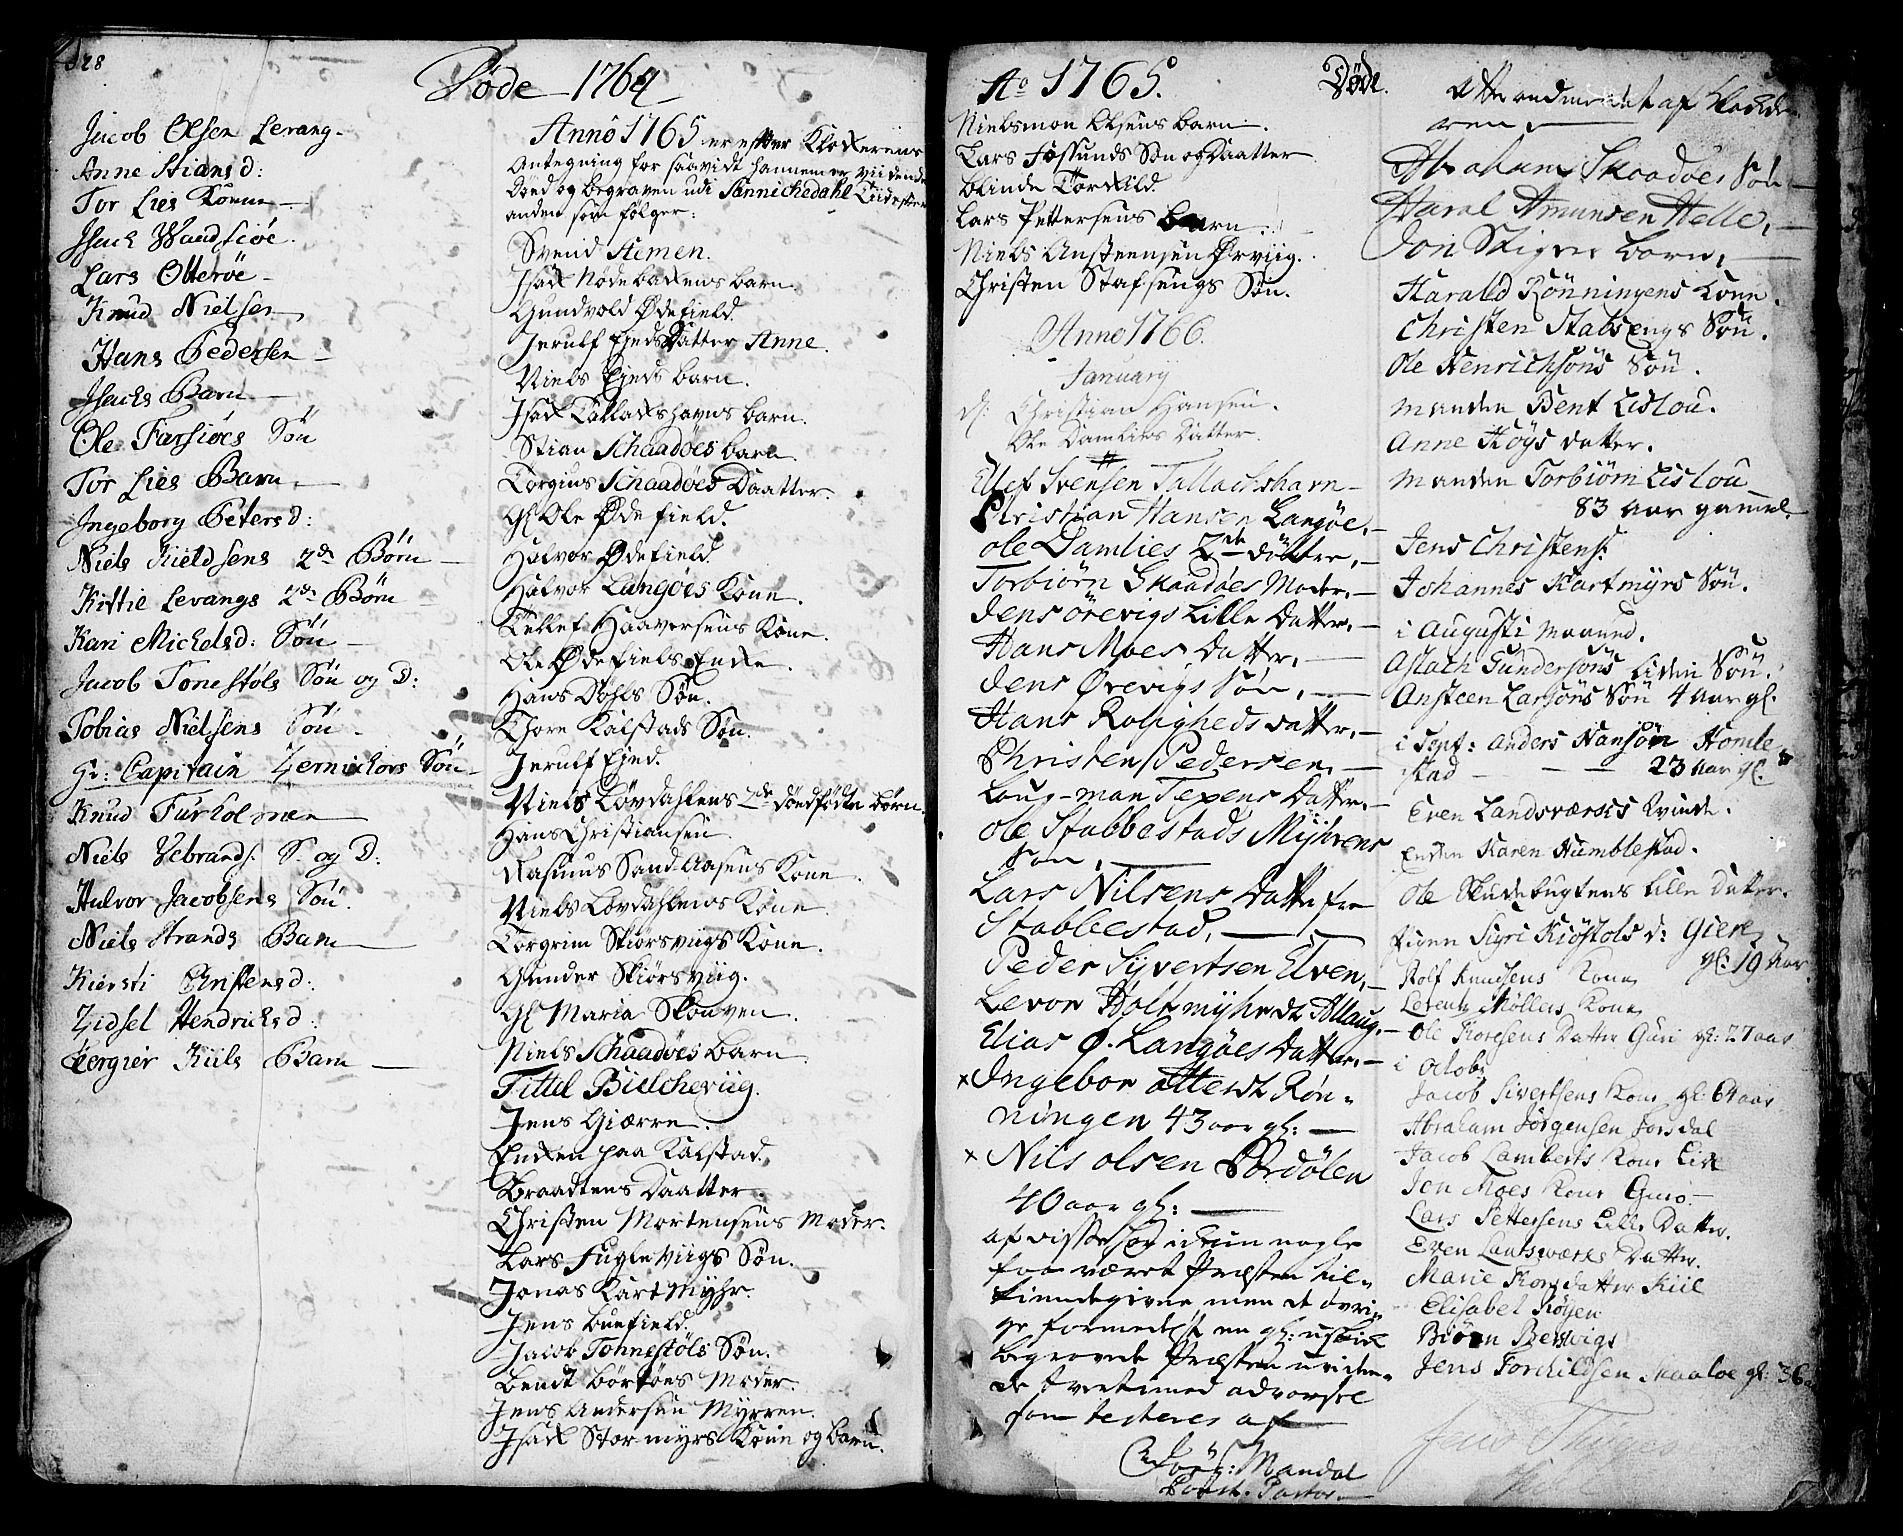 SAKO, Sannidal kirkebøker, F/Fa/L0001: Ministerialbok nr. 1, 1702-1766, s. 328-329